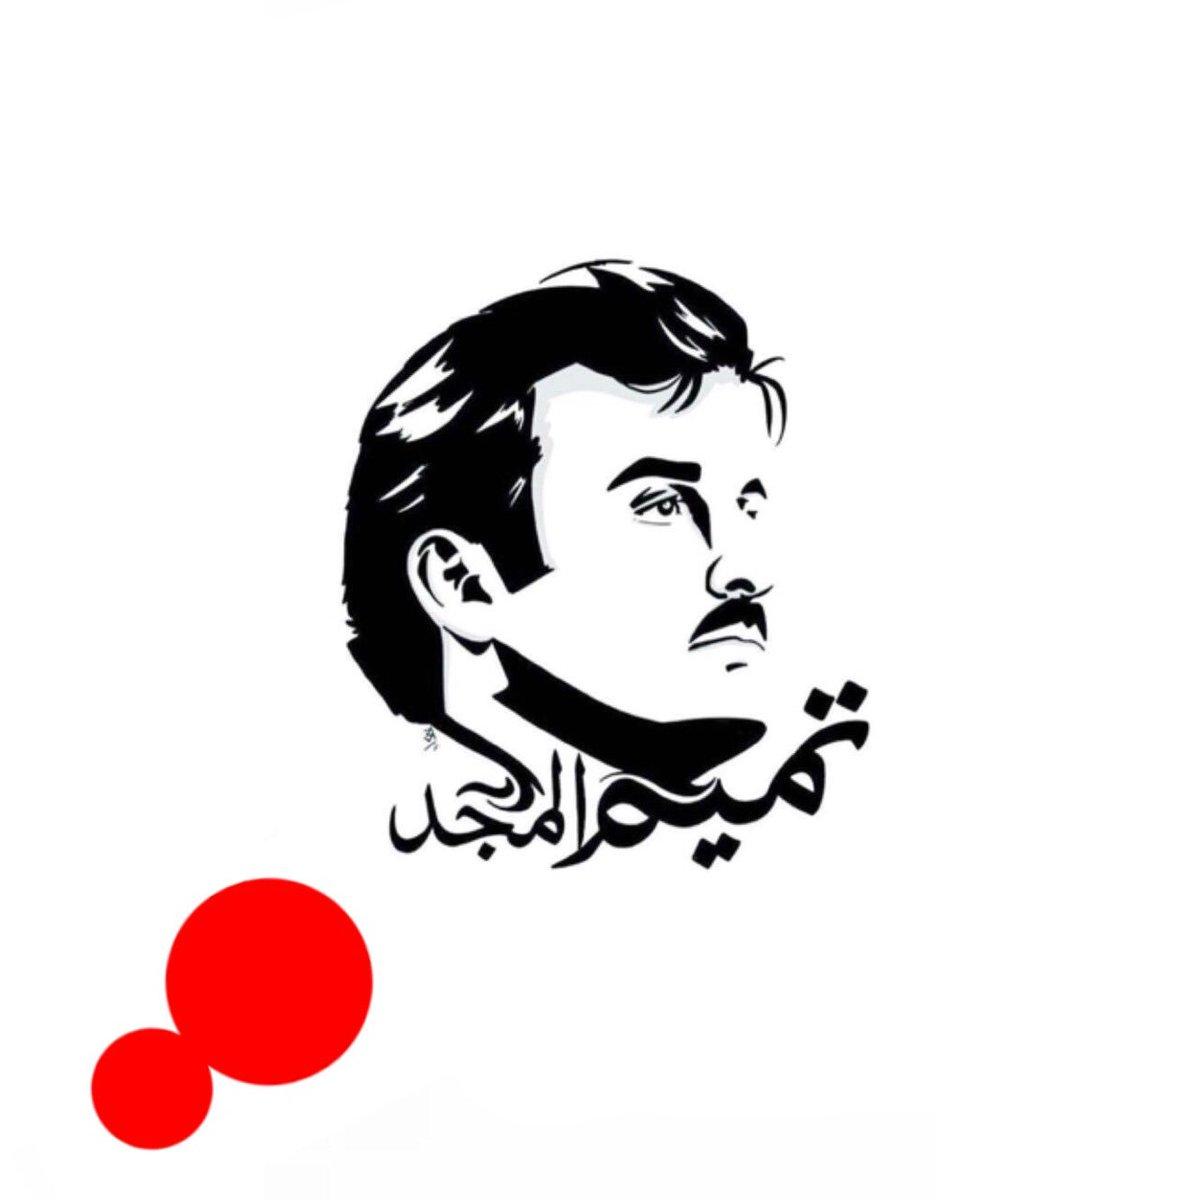 """قطر ستبقى حرة تسمو بروح الأوفياء"""" عميلنا العزيز، تم تحويل اسم شبكة Ooredoo الى """"Tamim Almajd """"  #كلنا_قطر https://t.co/2bX0zYd4PN"""